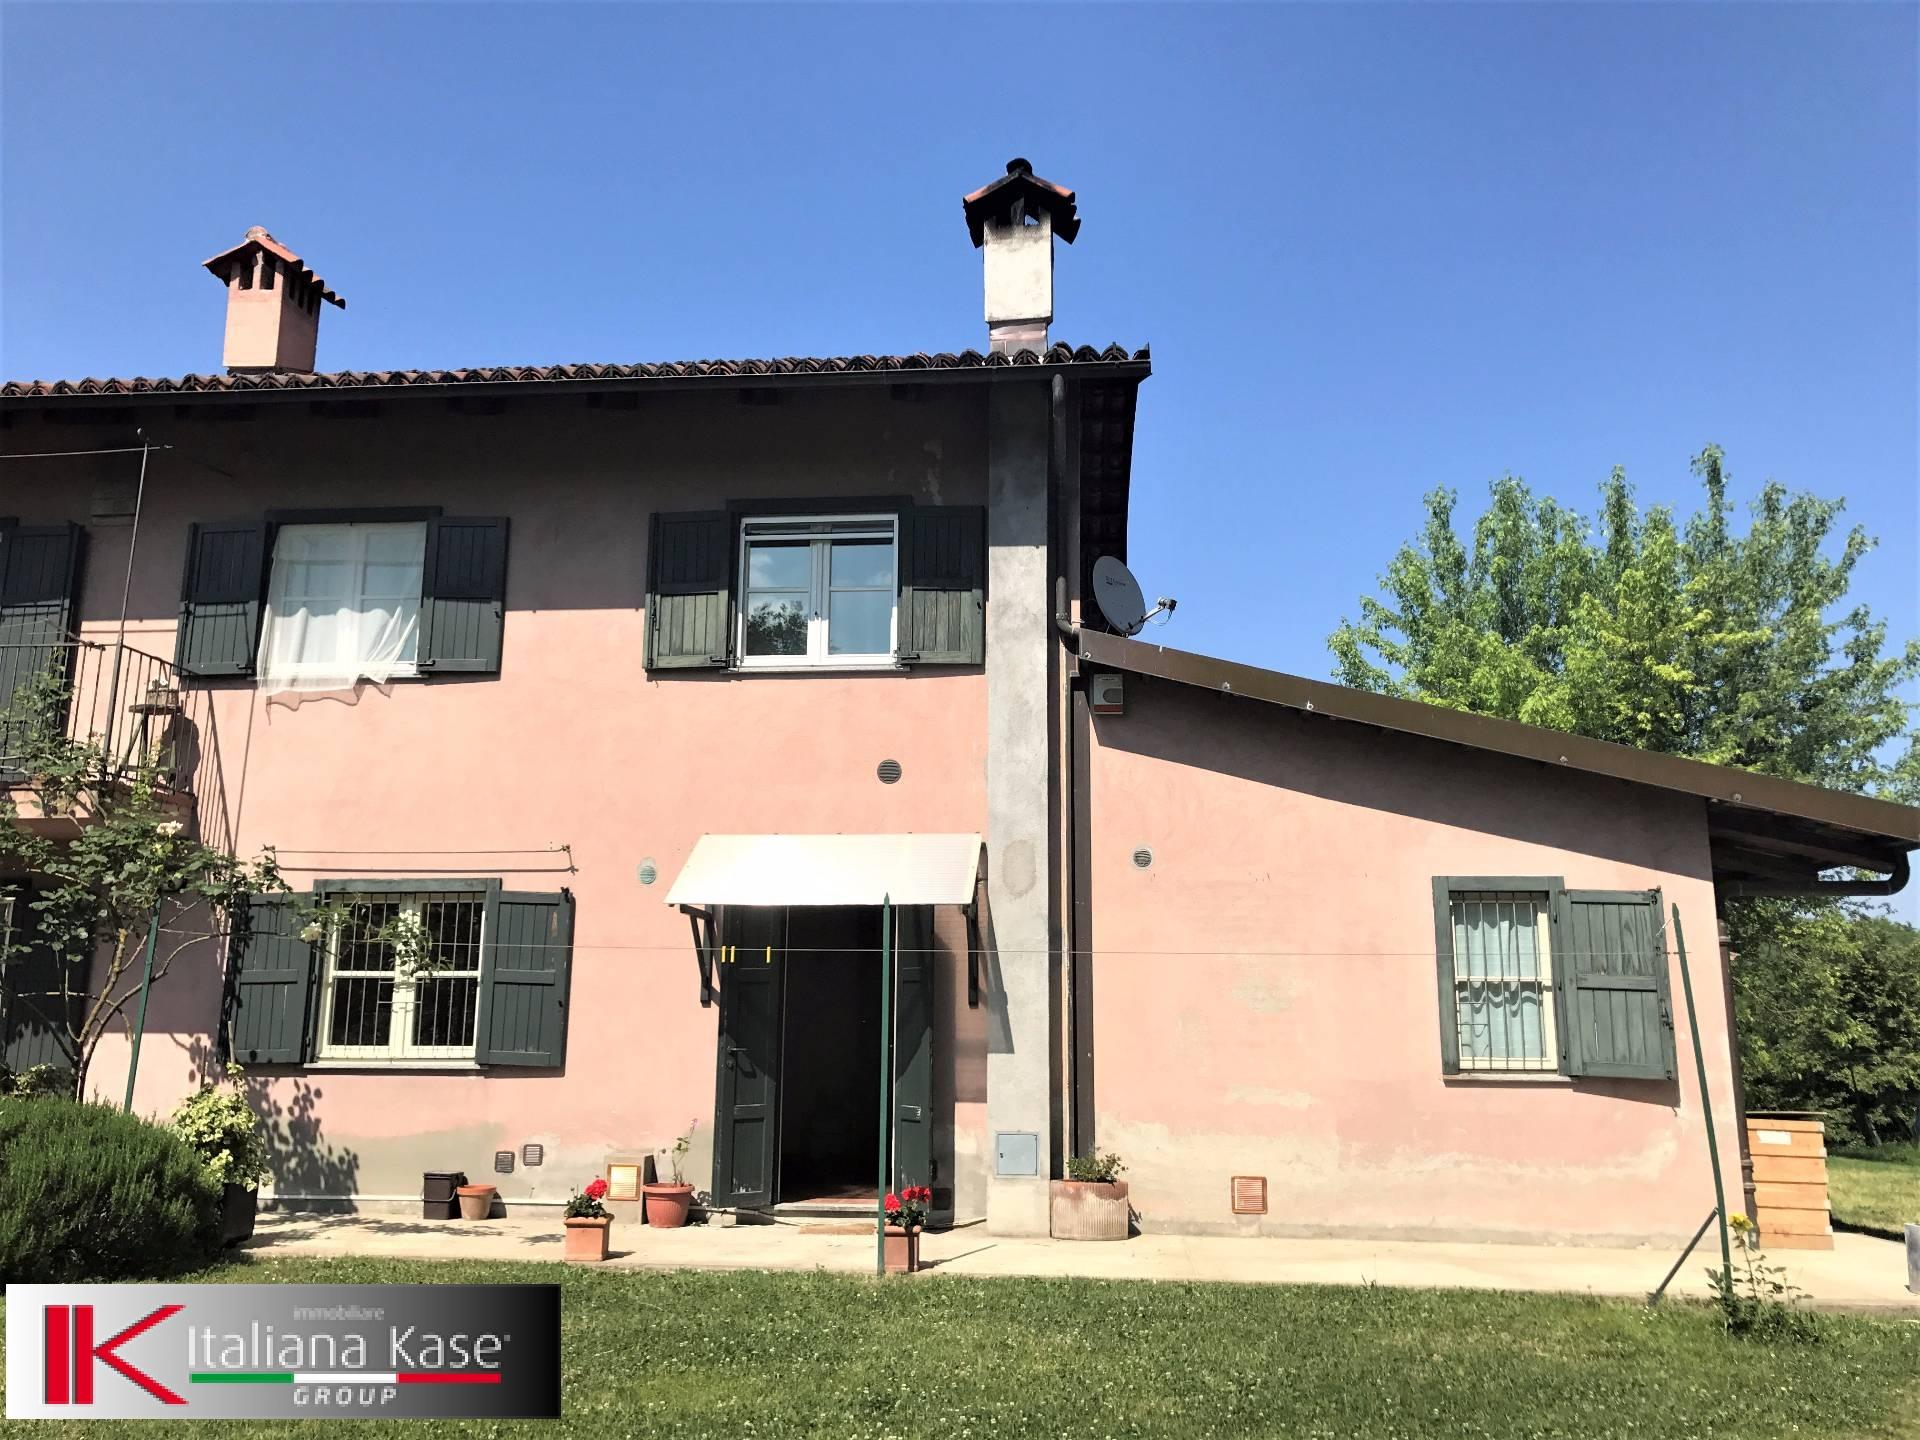 Appartamento in affitto a Sciolze, 2 locali, zona Località: Sciolze, prezzo € 350 | Cambio Casa.it